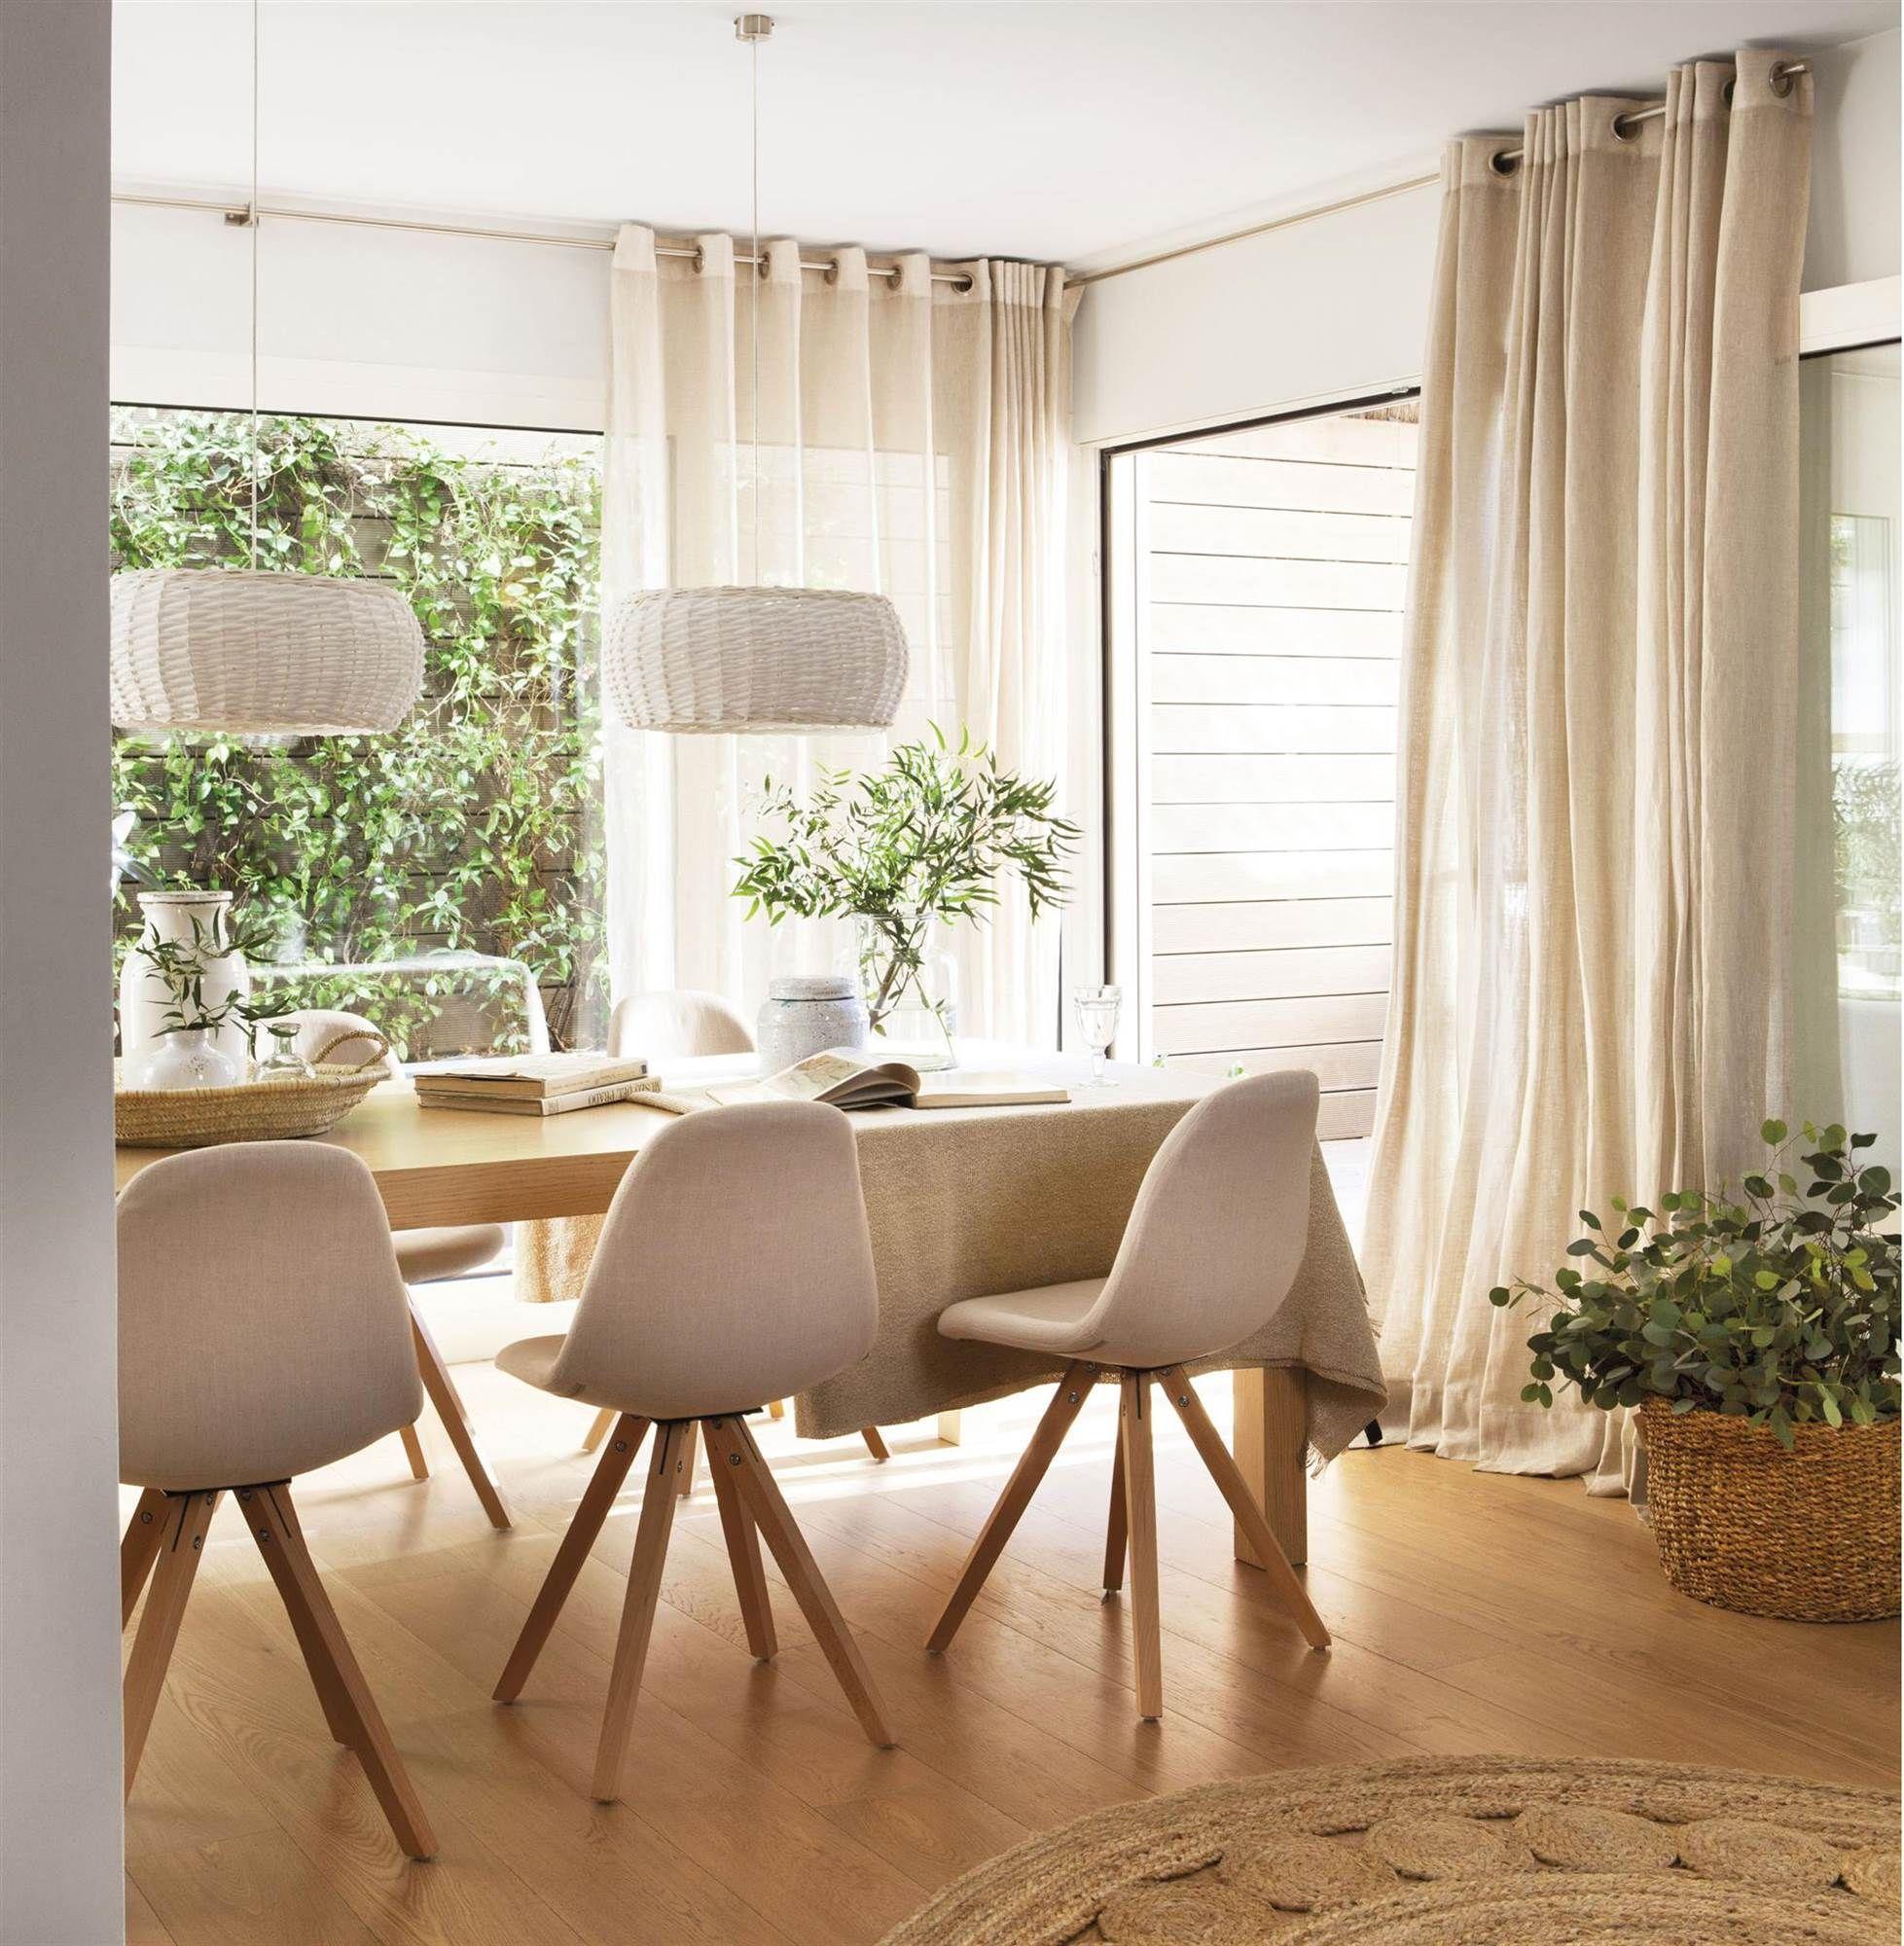 Cortinas blancas hasta el techo_00426453 O | Dining | Pinterest